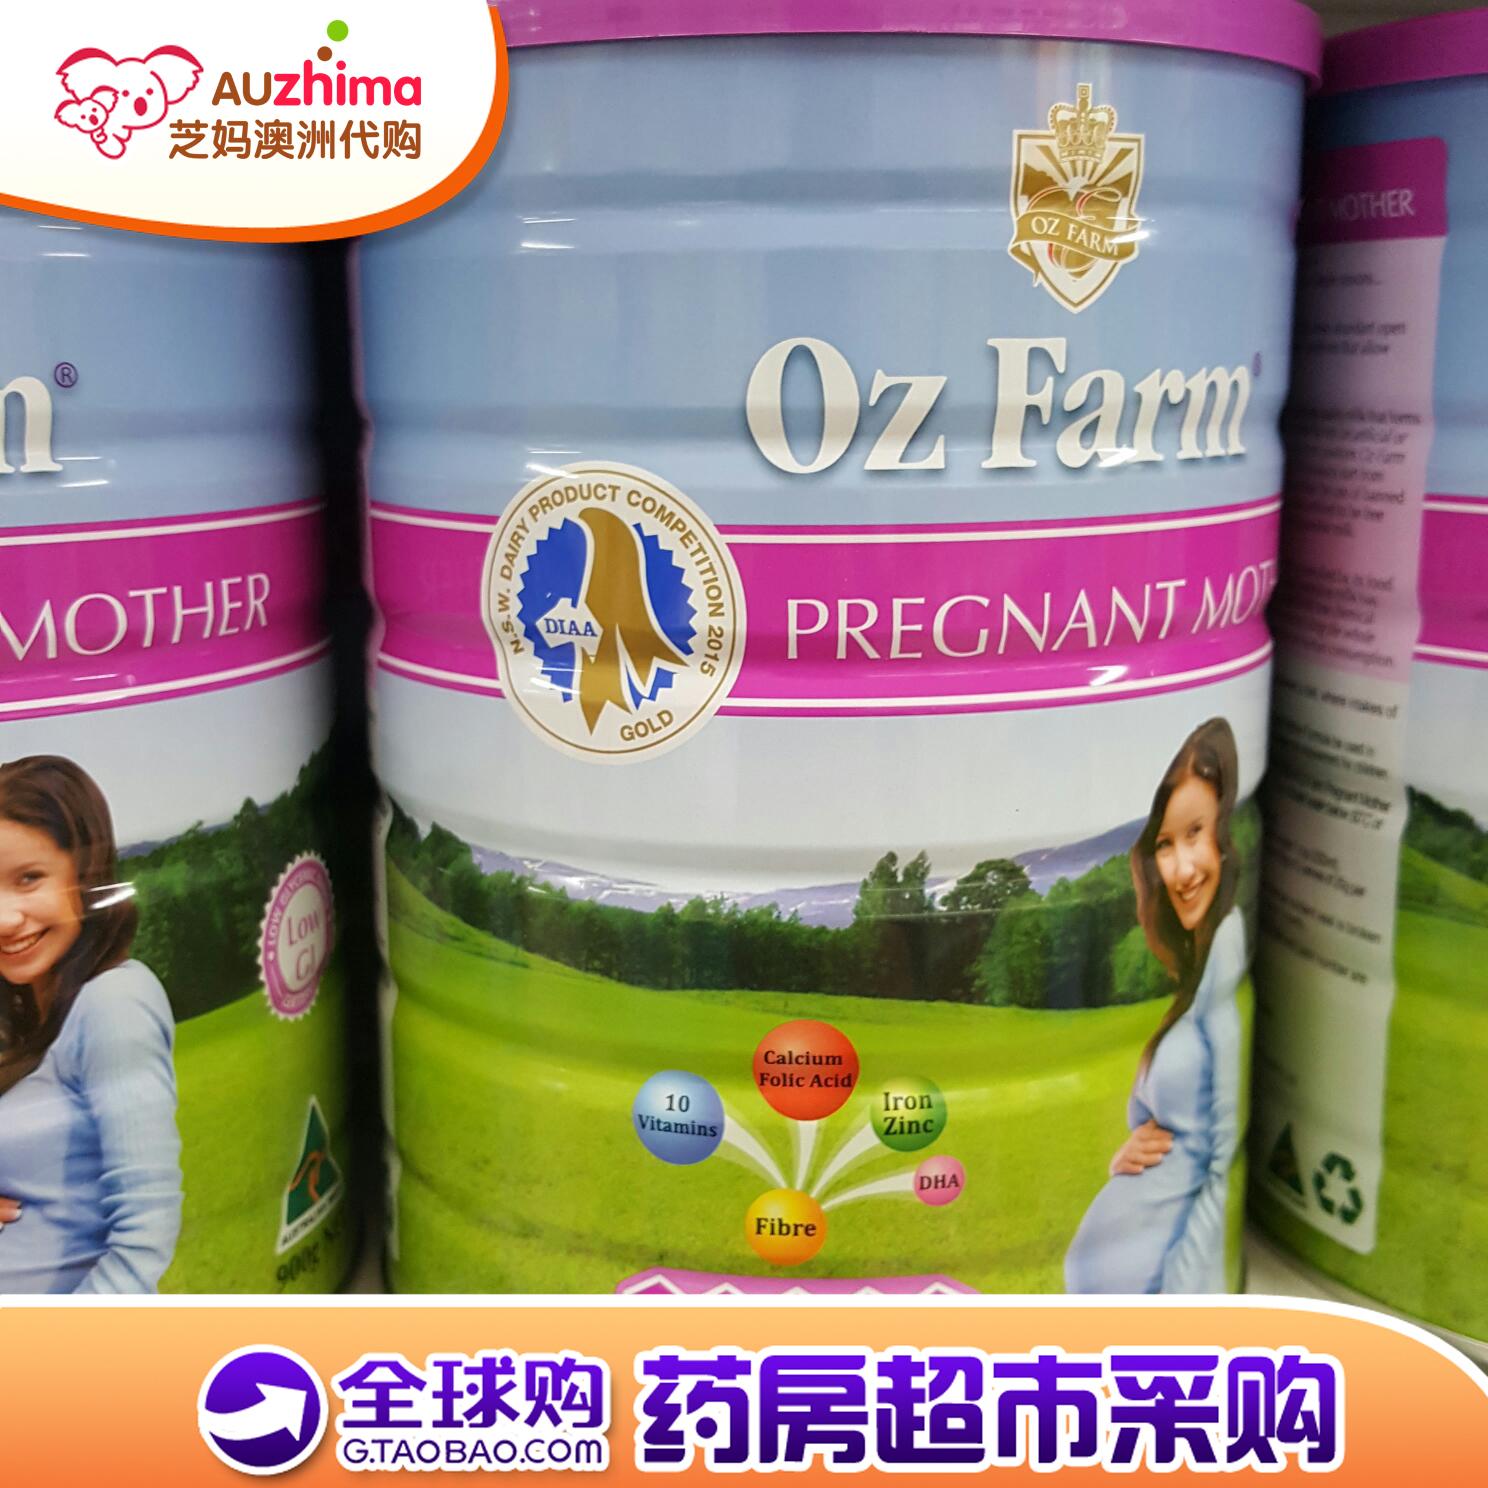 Австралия покупка товаров импорт OZ Farm беременная женщина грудное вскармливание период свойство женщина питание молоко порошок грудь беременность высокий кальций DHA